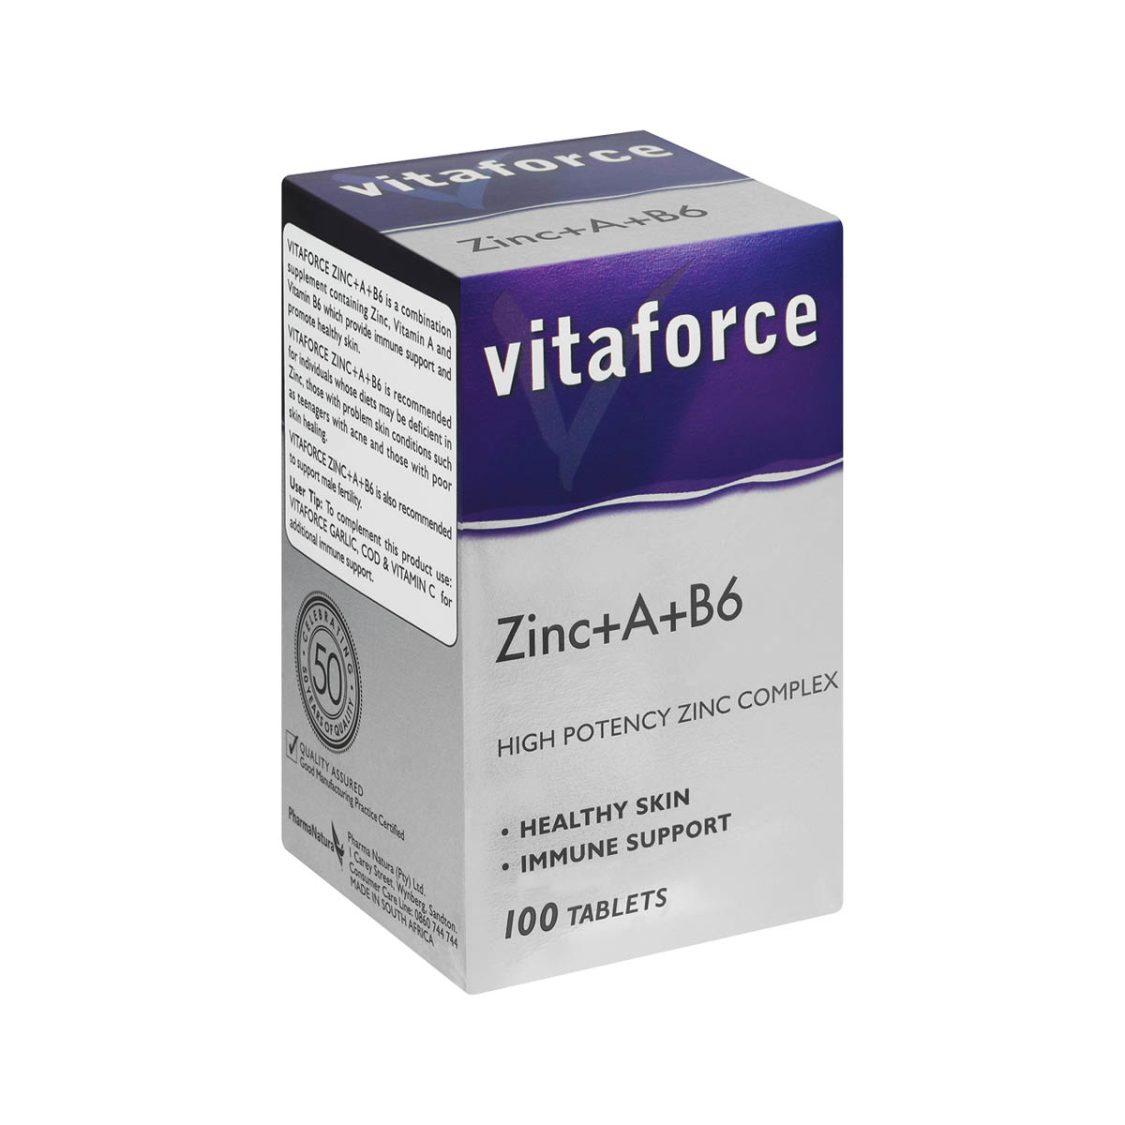 Vitaforce - Zinc+A+B6 100 Tabs